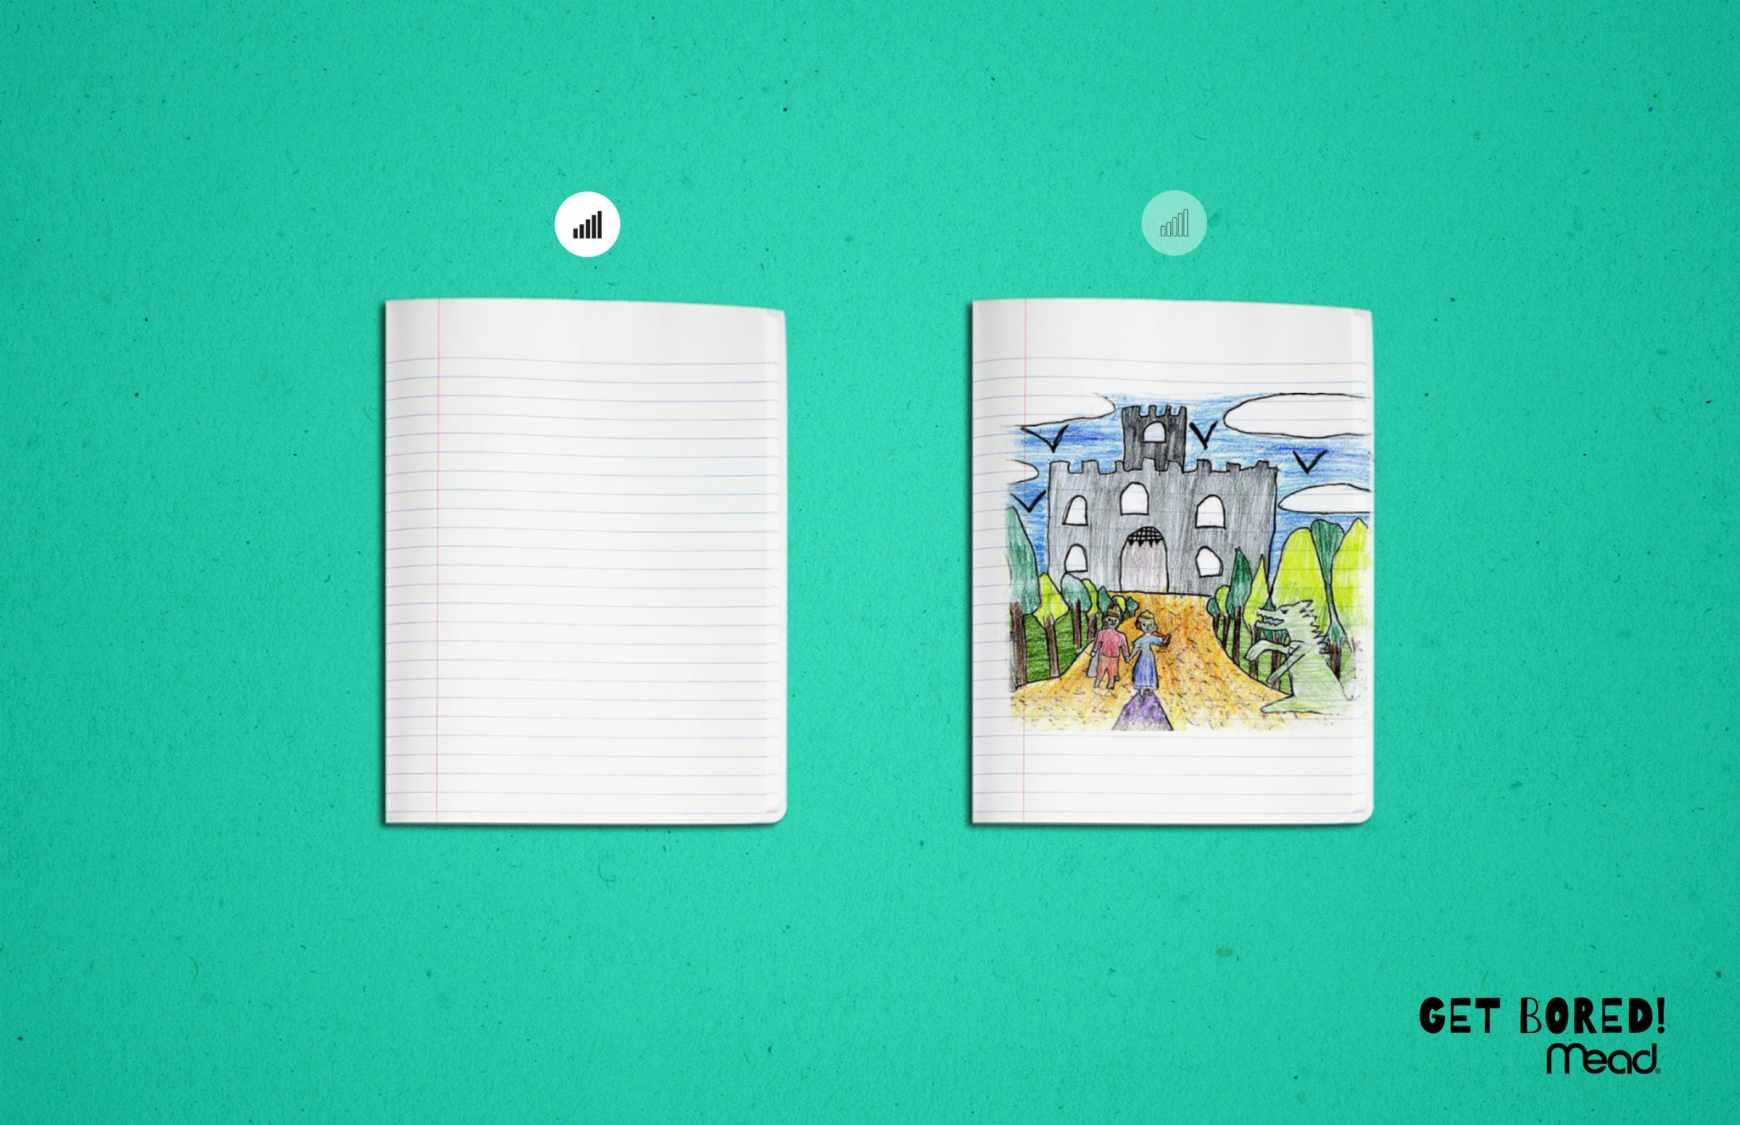 dans-ta-pub-publicité-créative-print-brillant-créatif-affiche-publicitaire-75-5